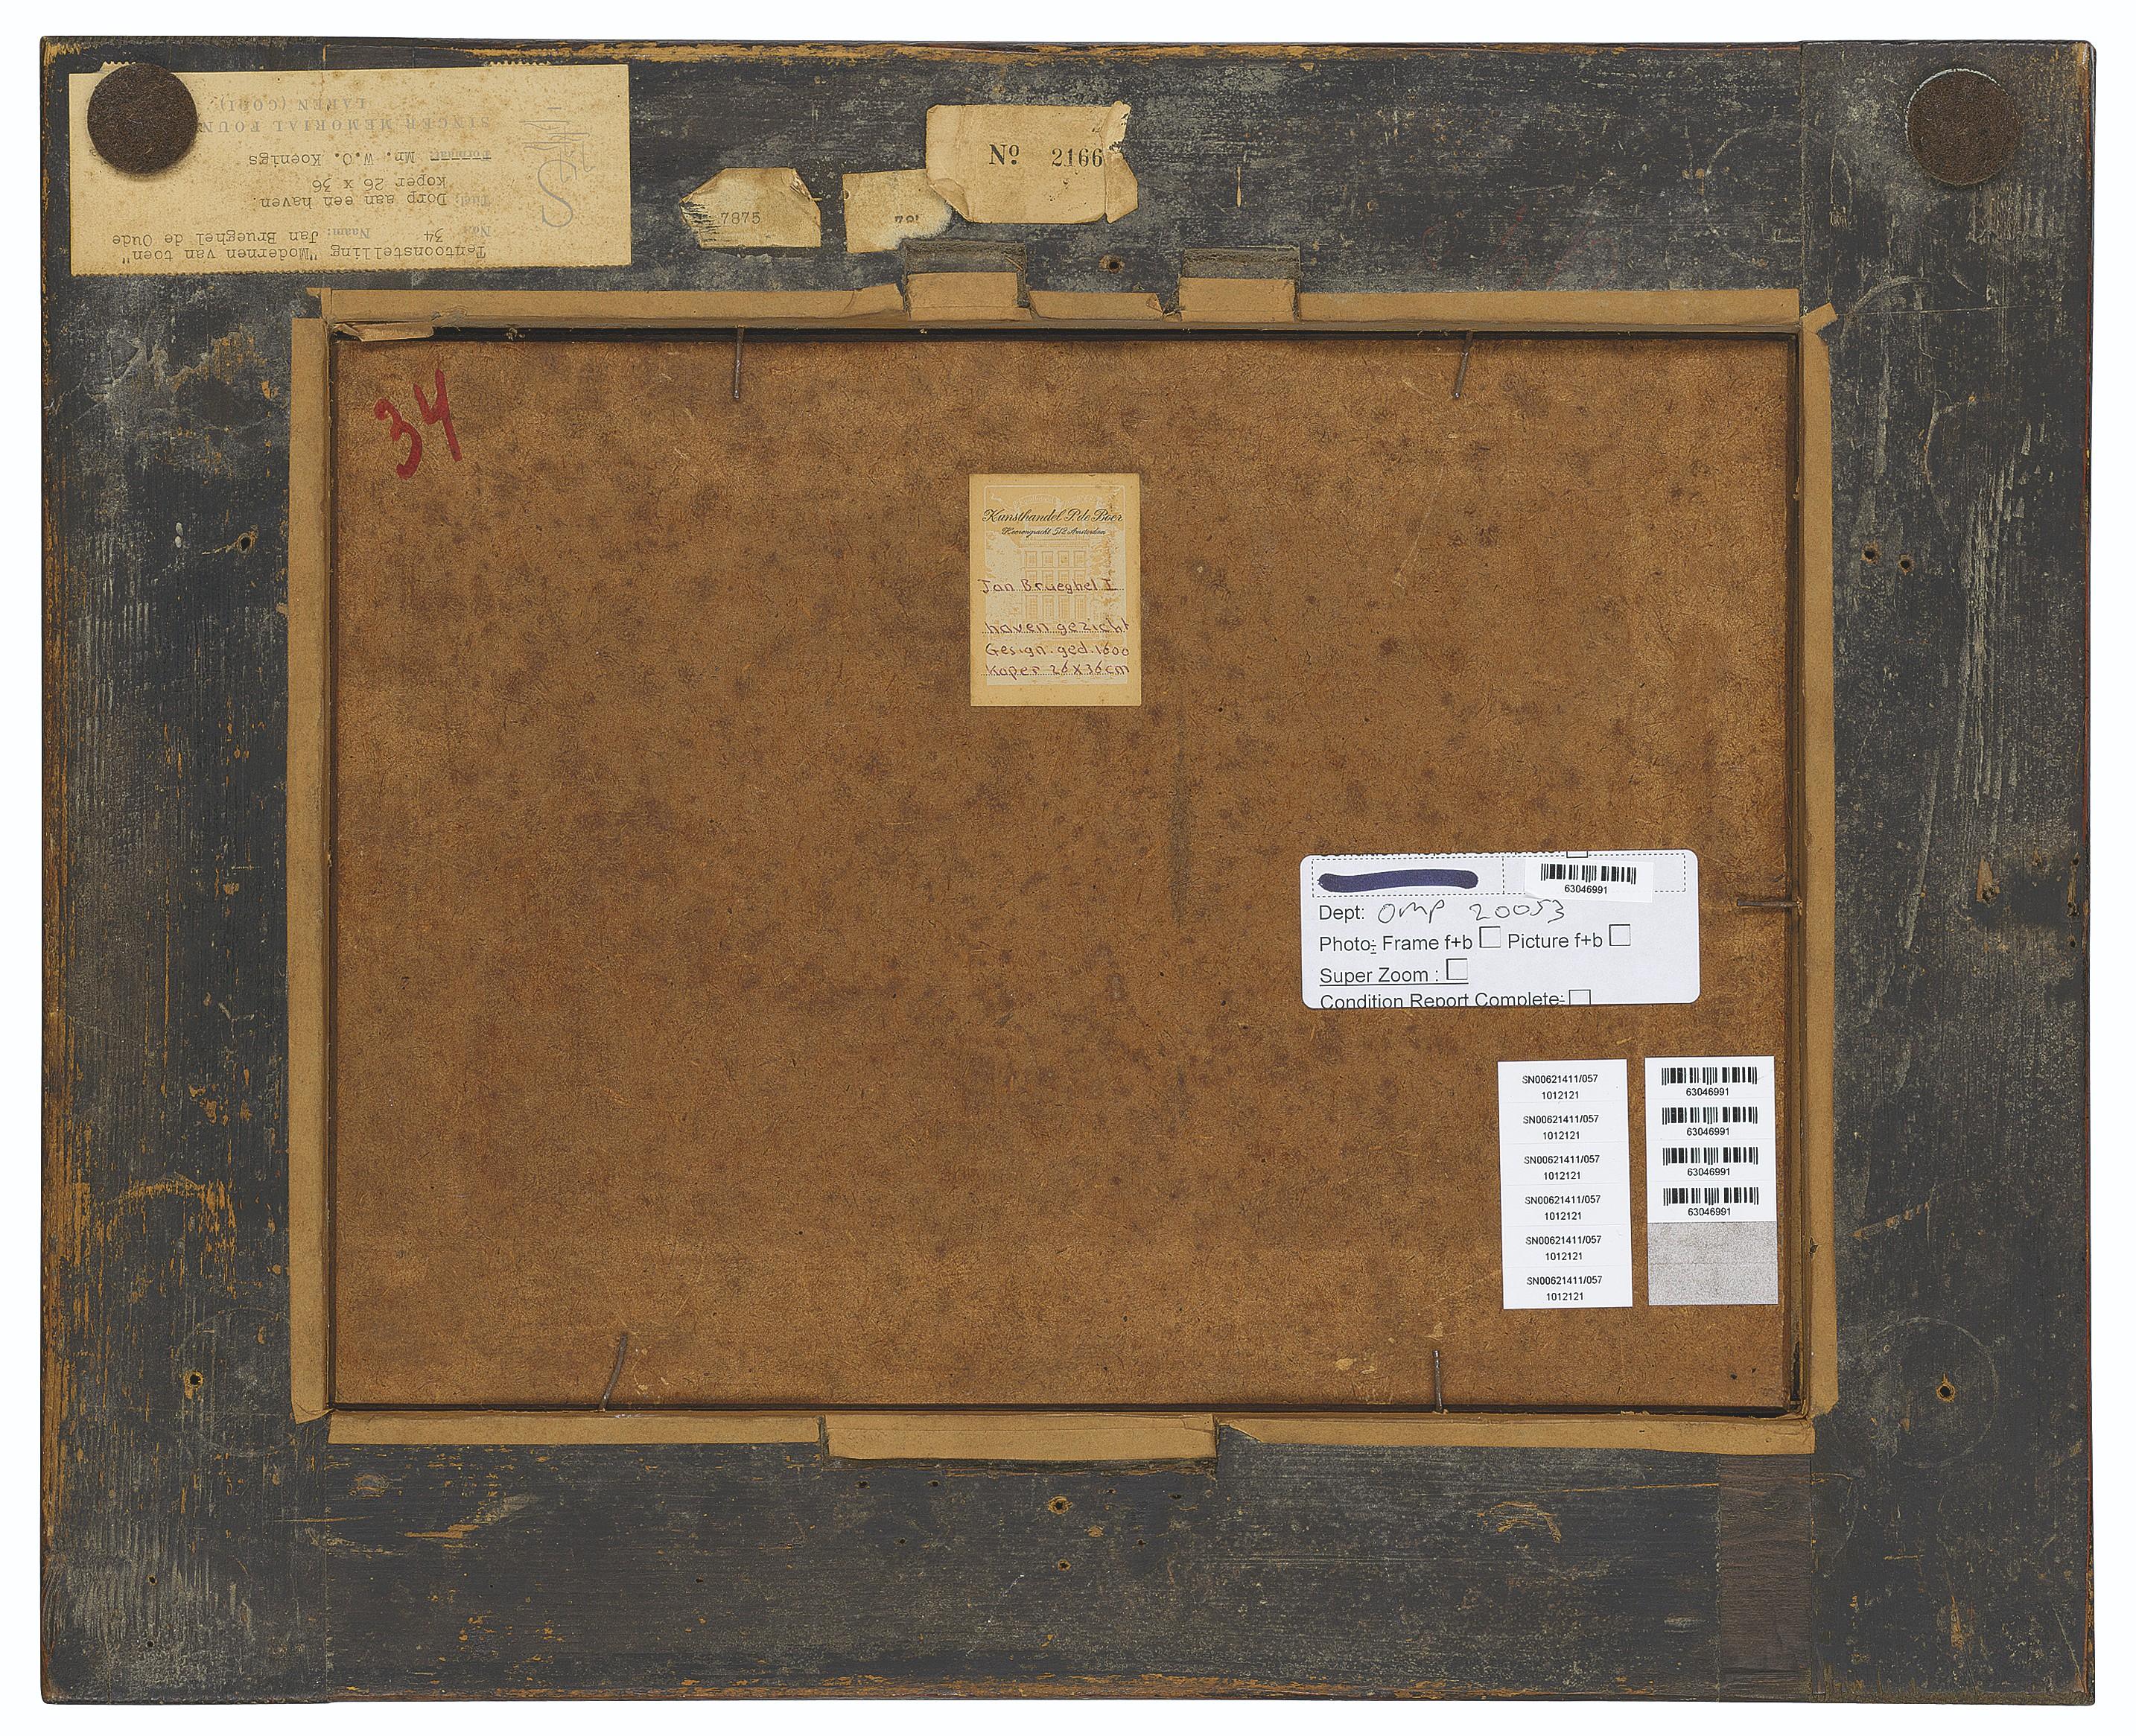 ATTRIBUTED TO JAN BREUGHEL, THE ELDER (BRUSSELS 1568-1625 ANTWERP)